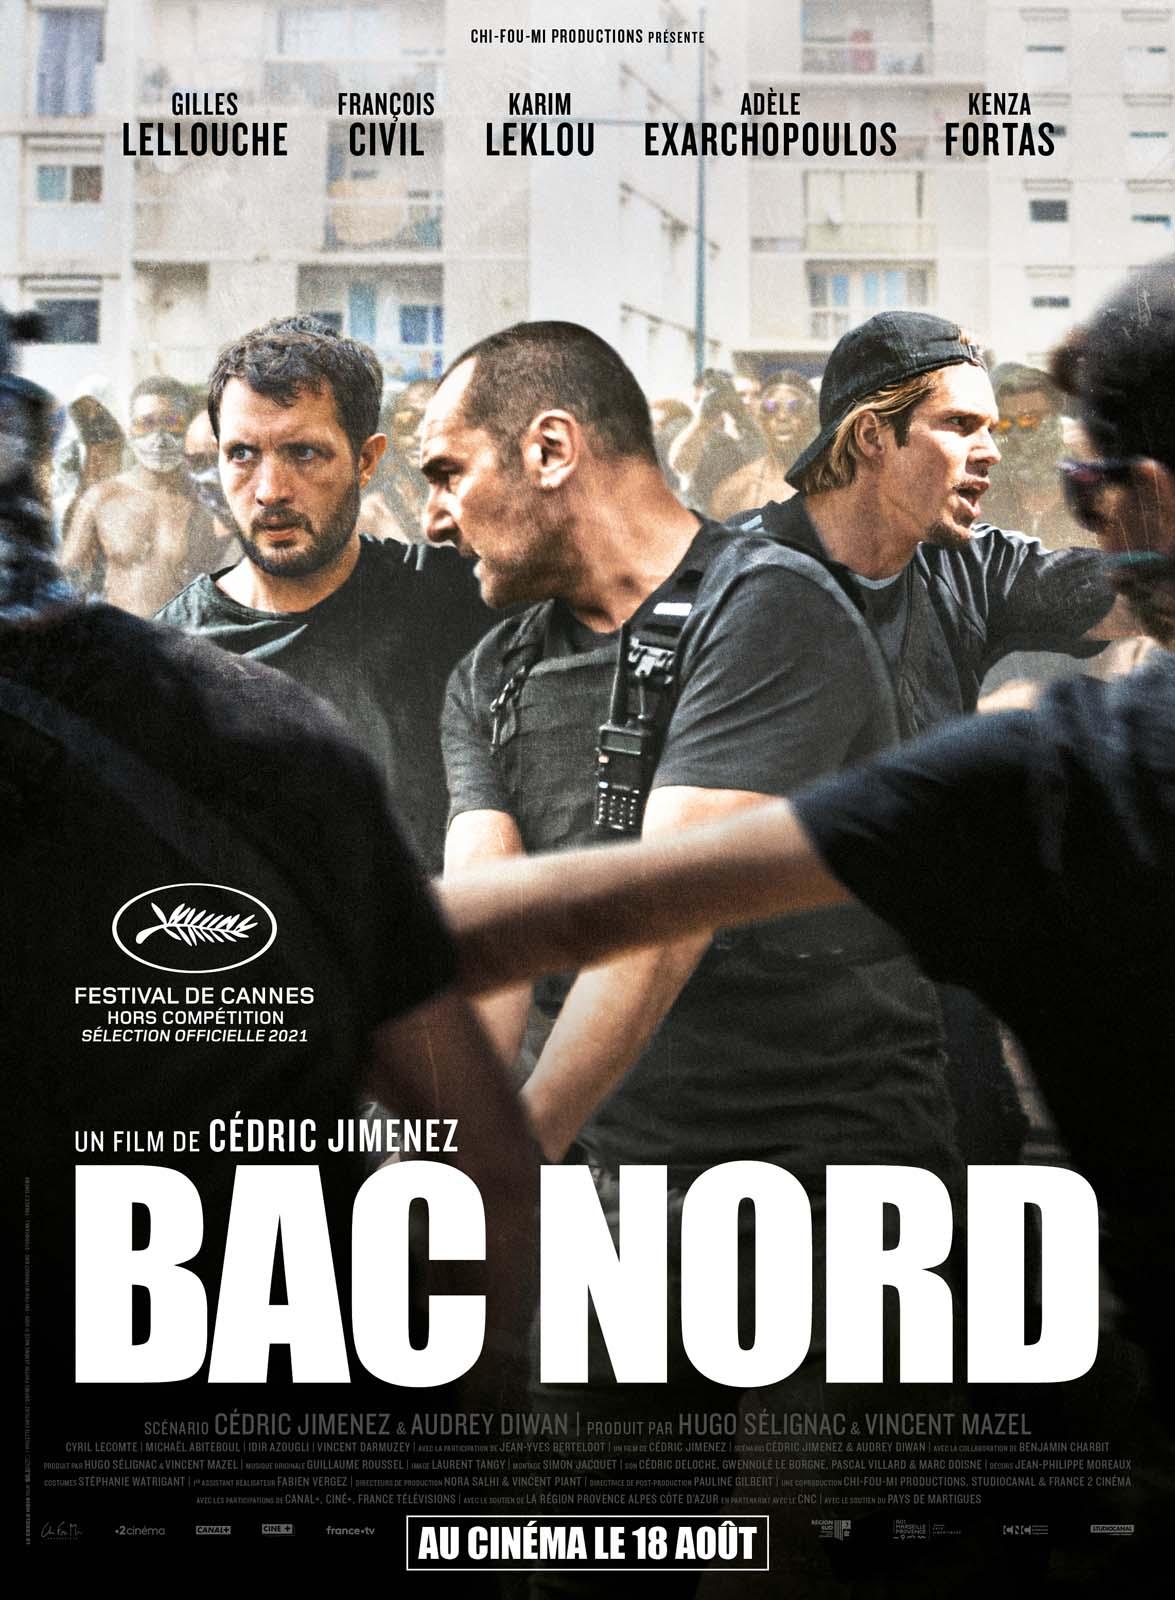 Bac Nord: Sob Pressão - Filme 2020 - AdoroCinema